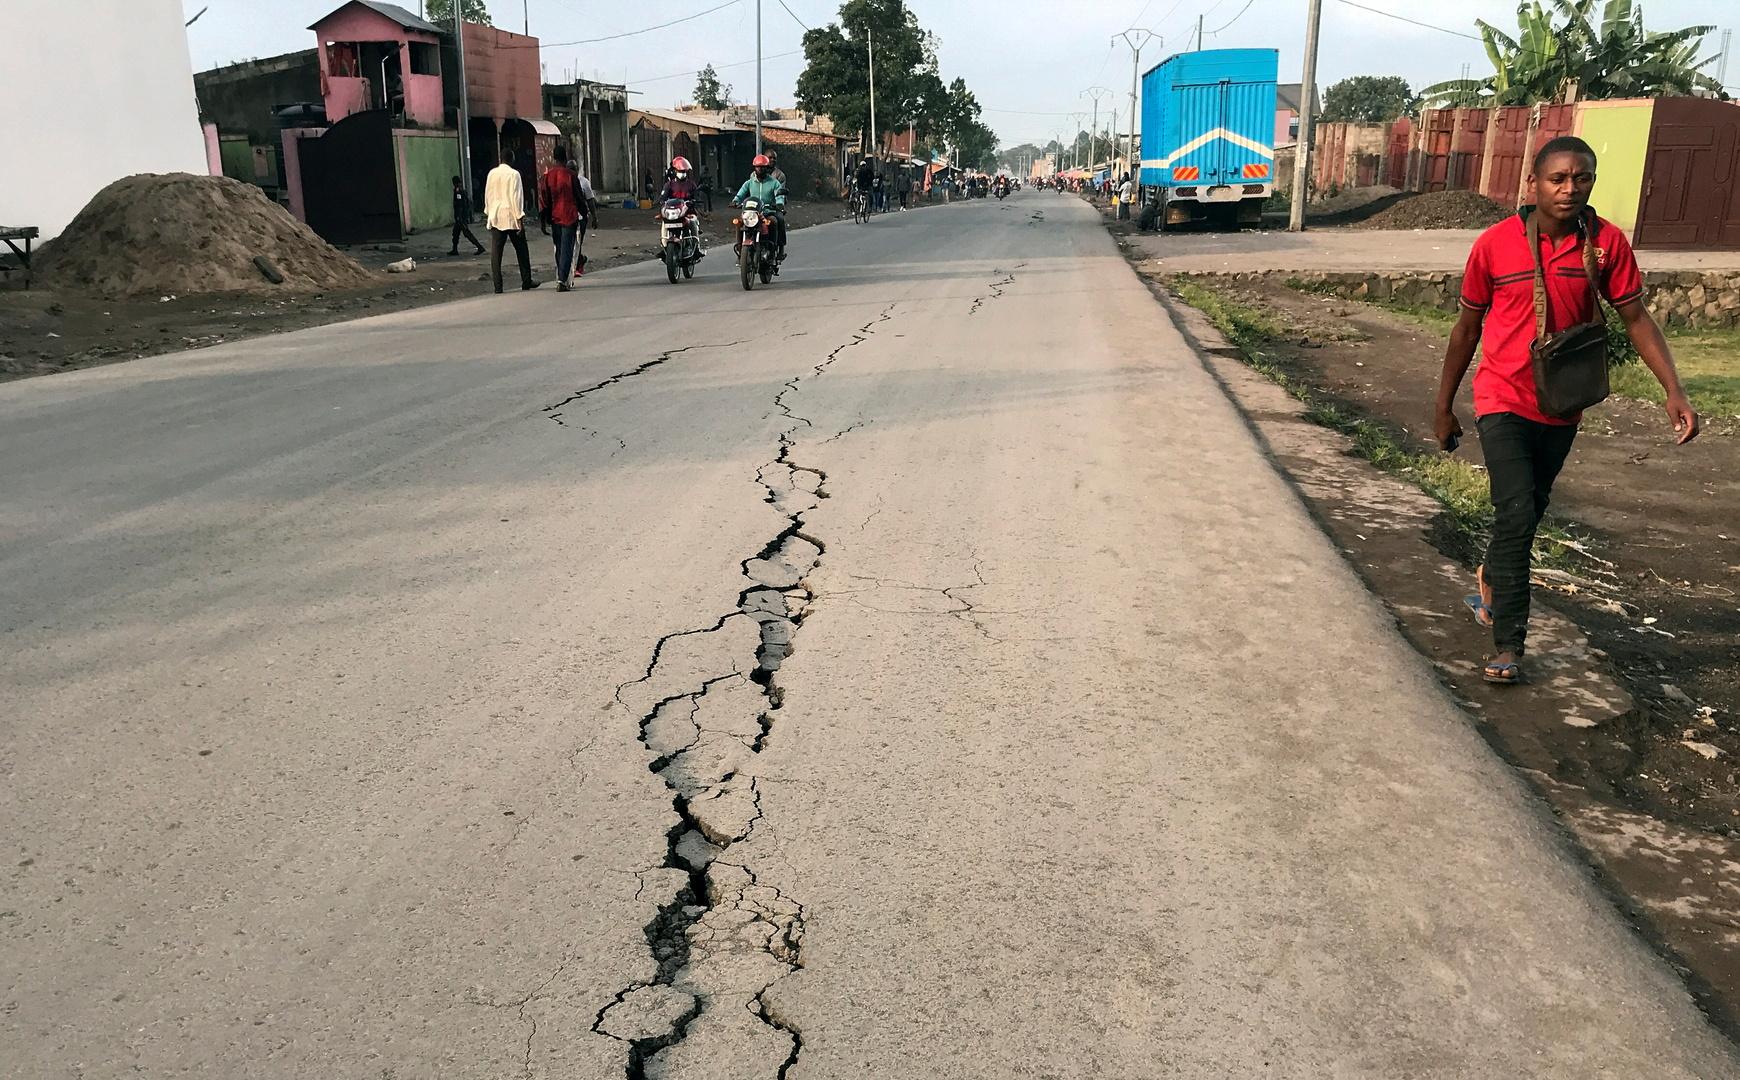 مصرع 33 شخصا حرقا إثر حادث سير في الكونغو